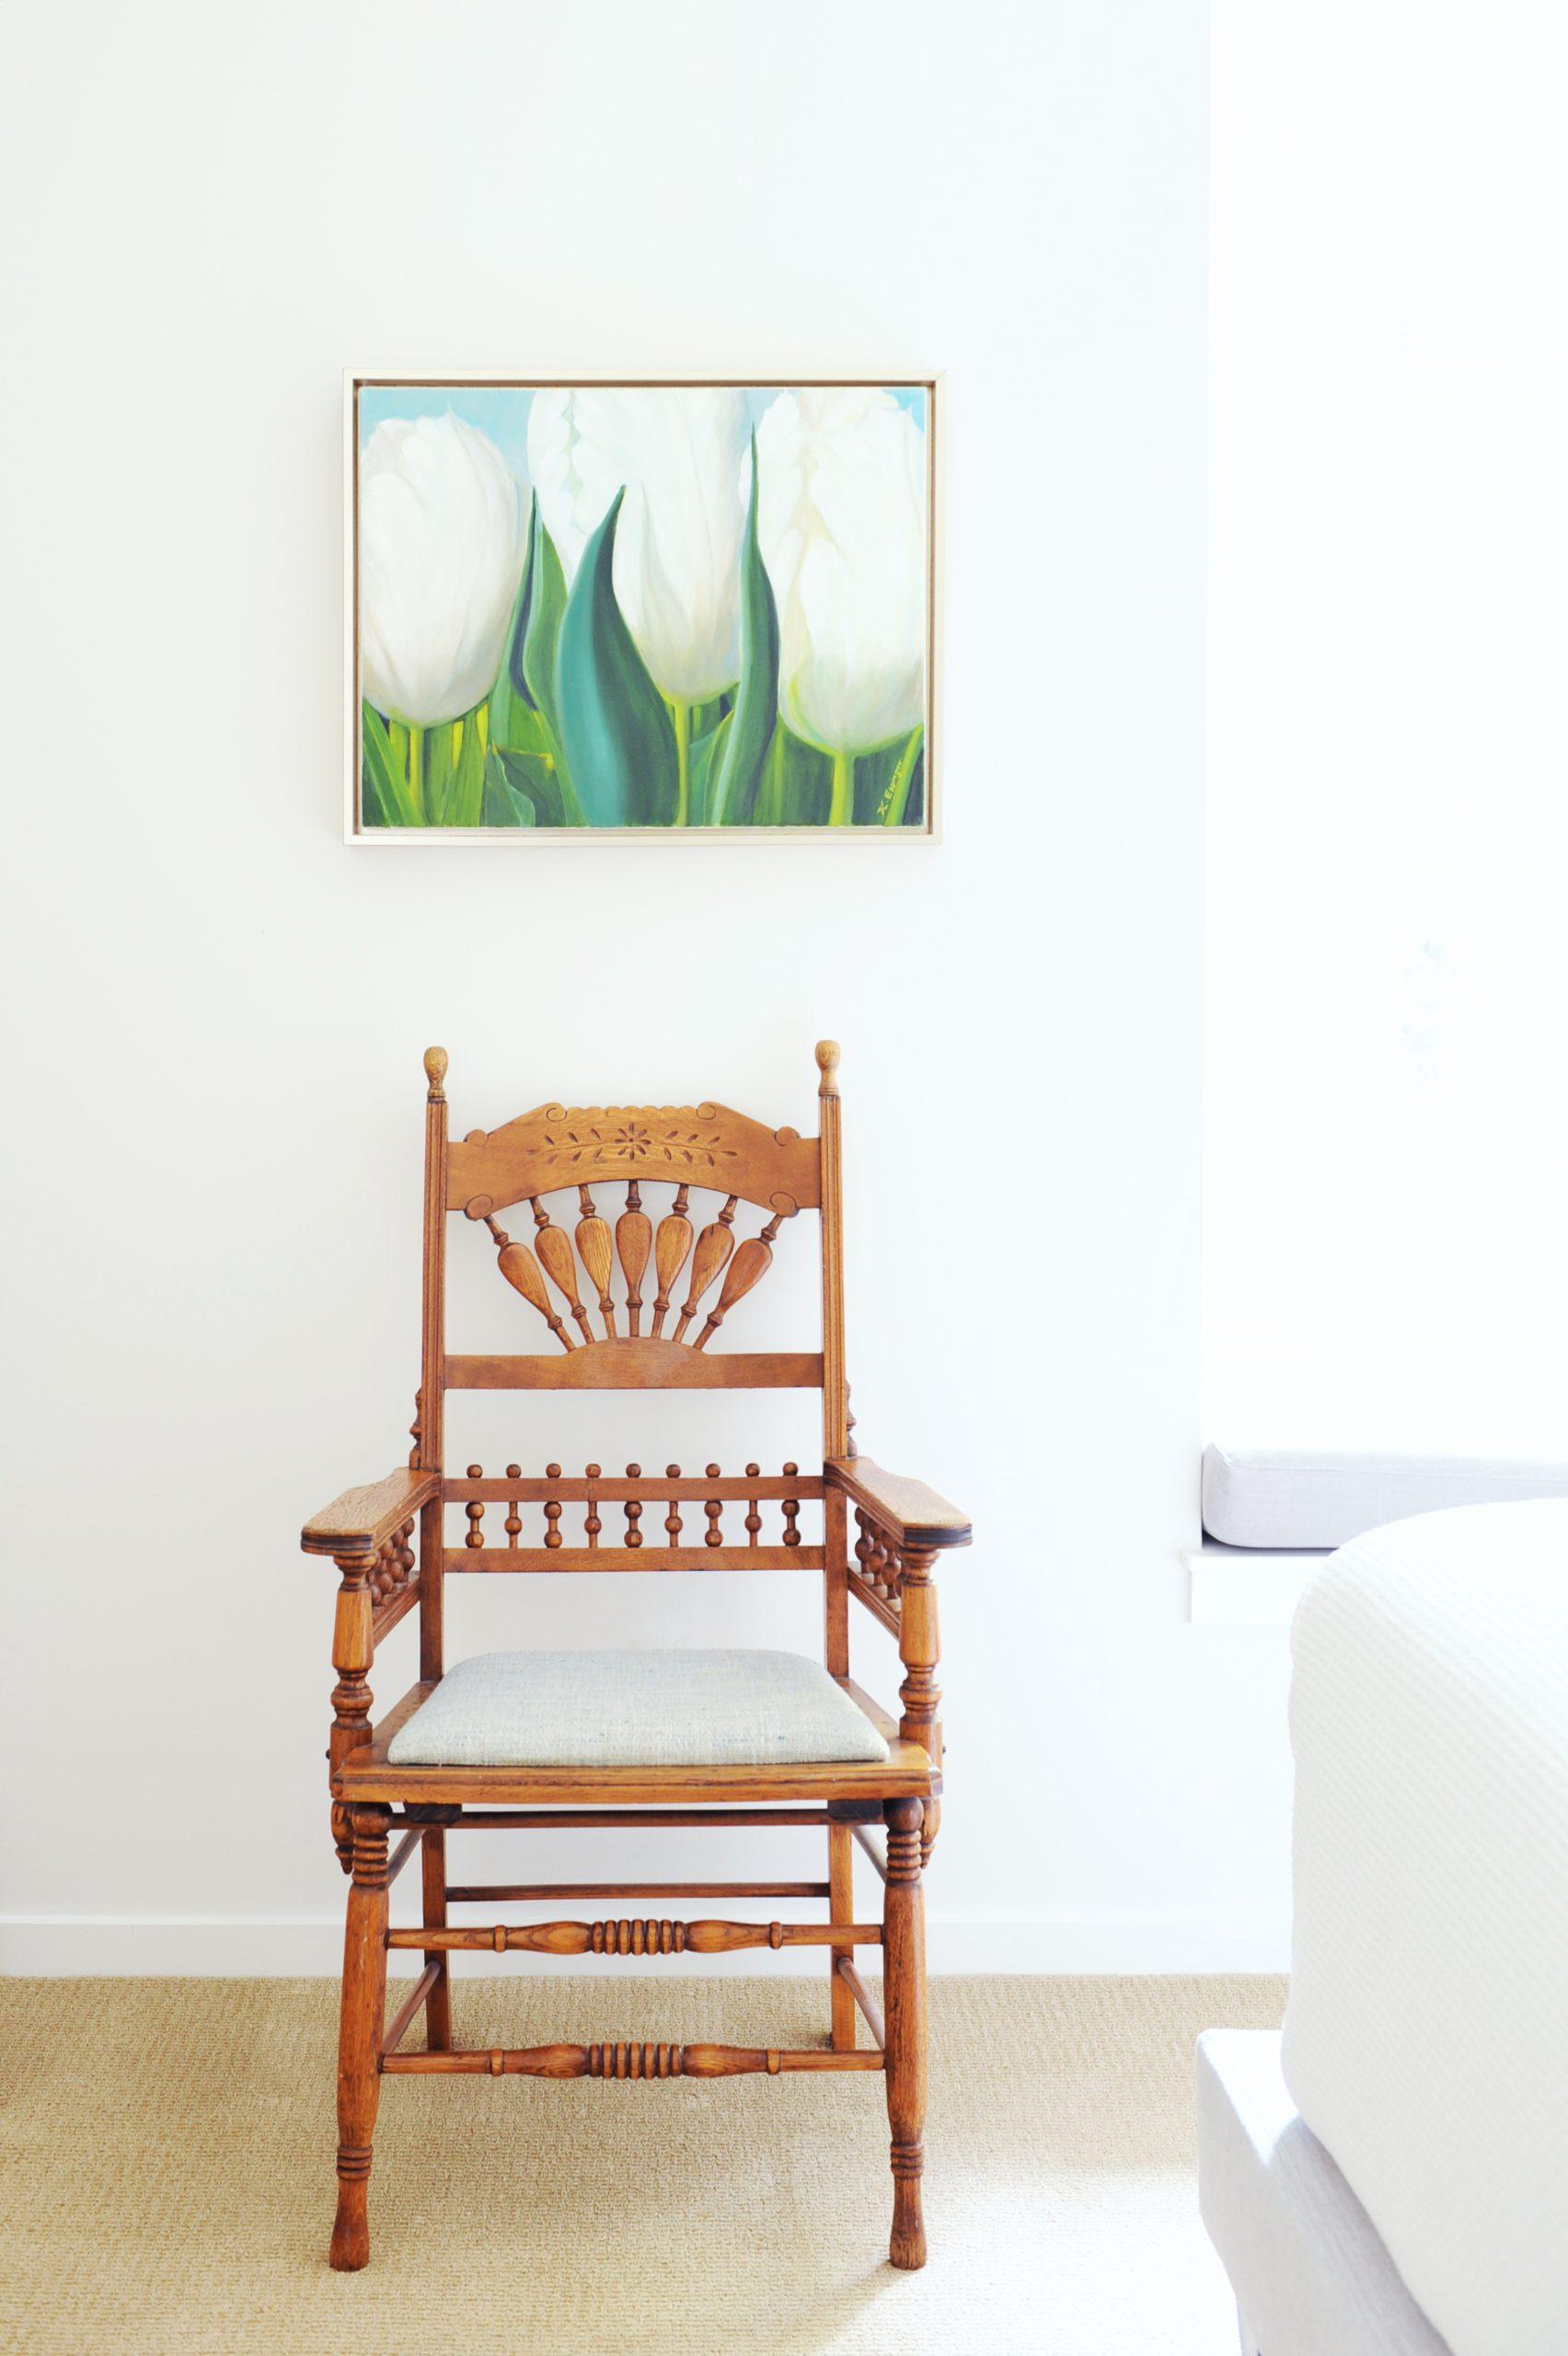 custom wooden chair antique green white flower art work bedroom